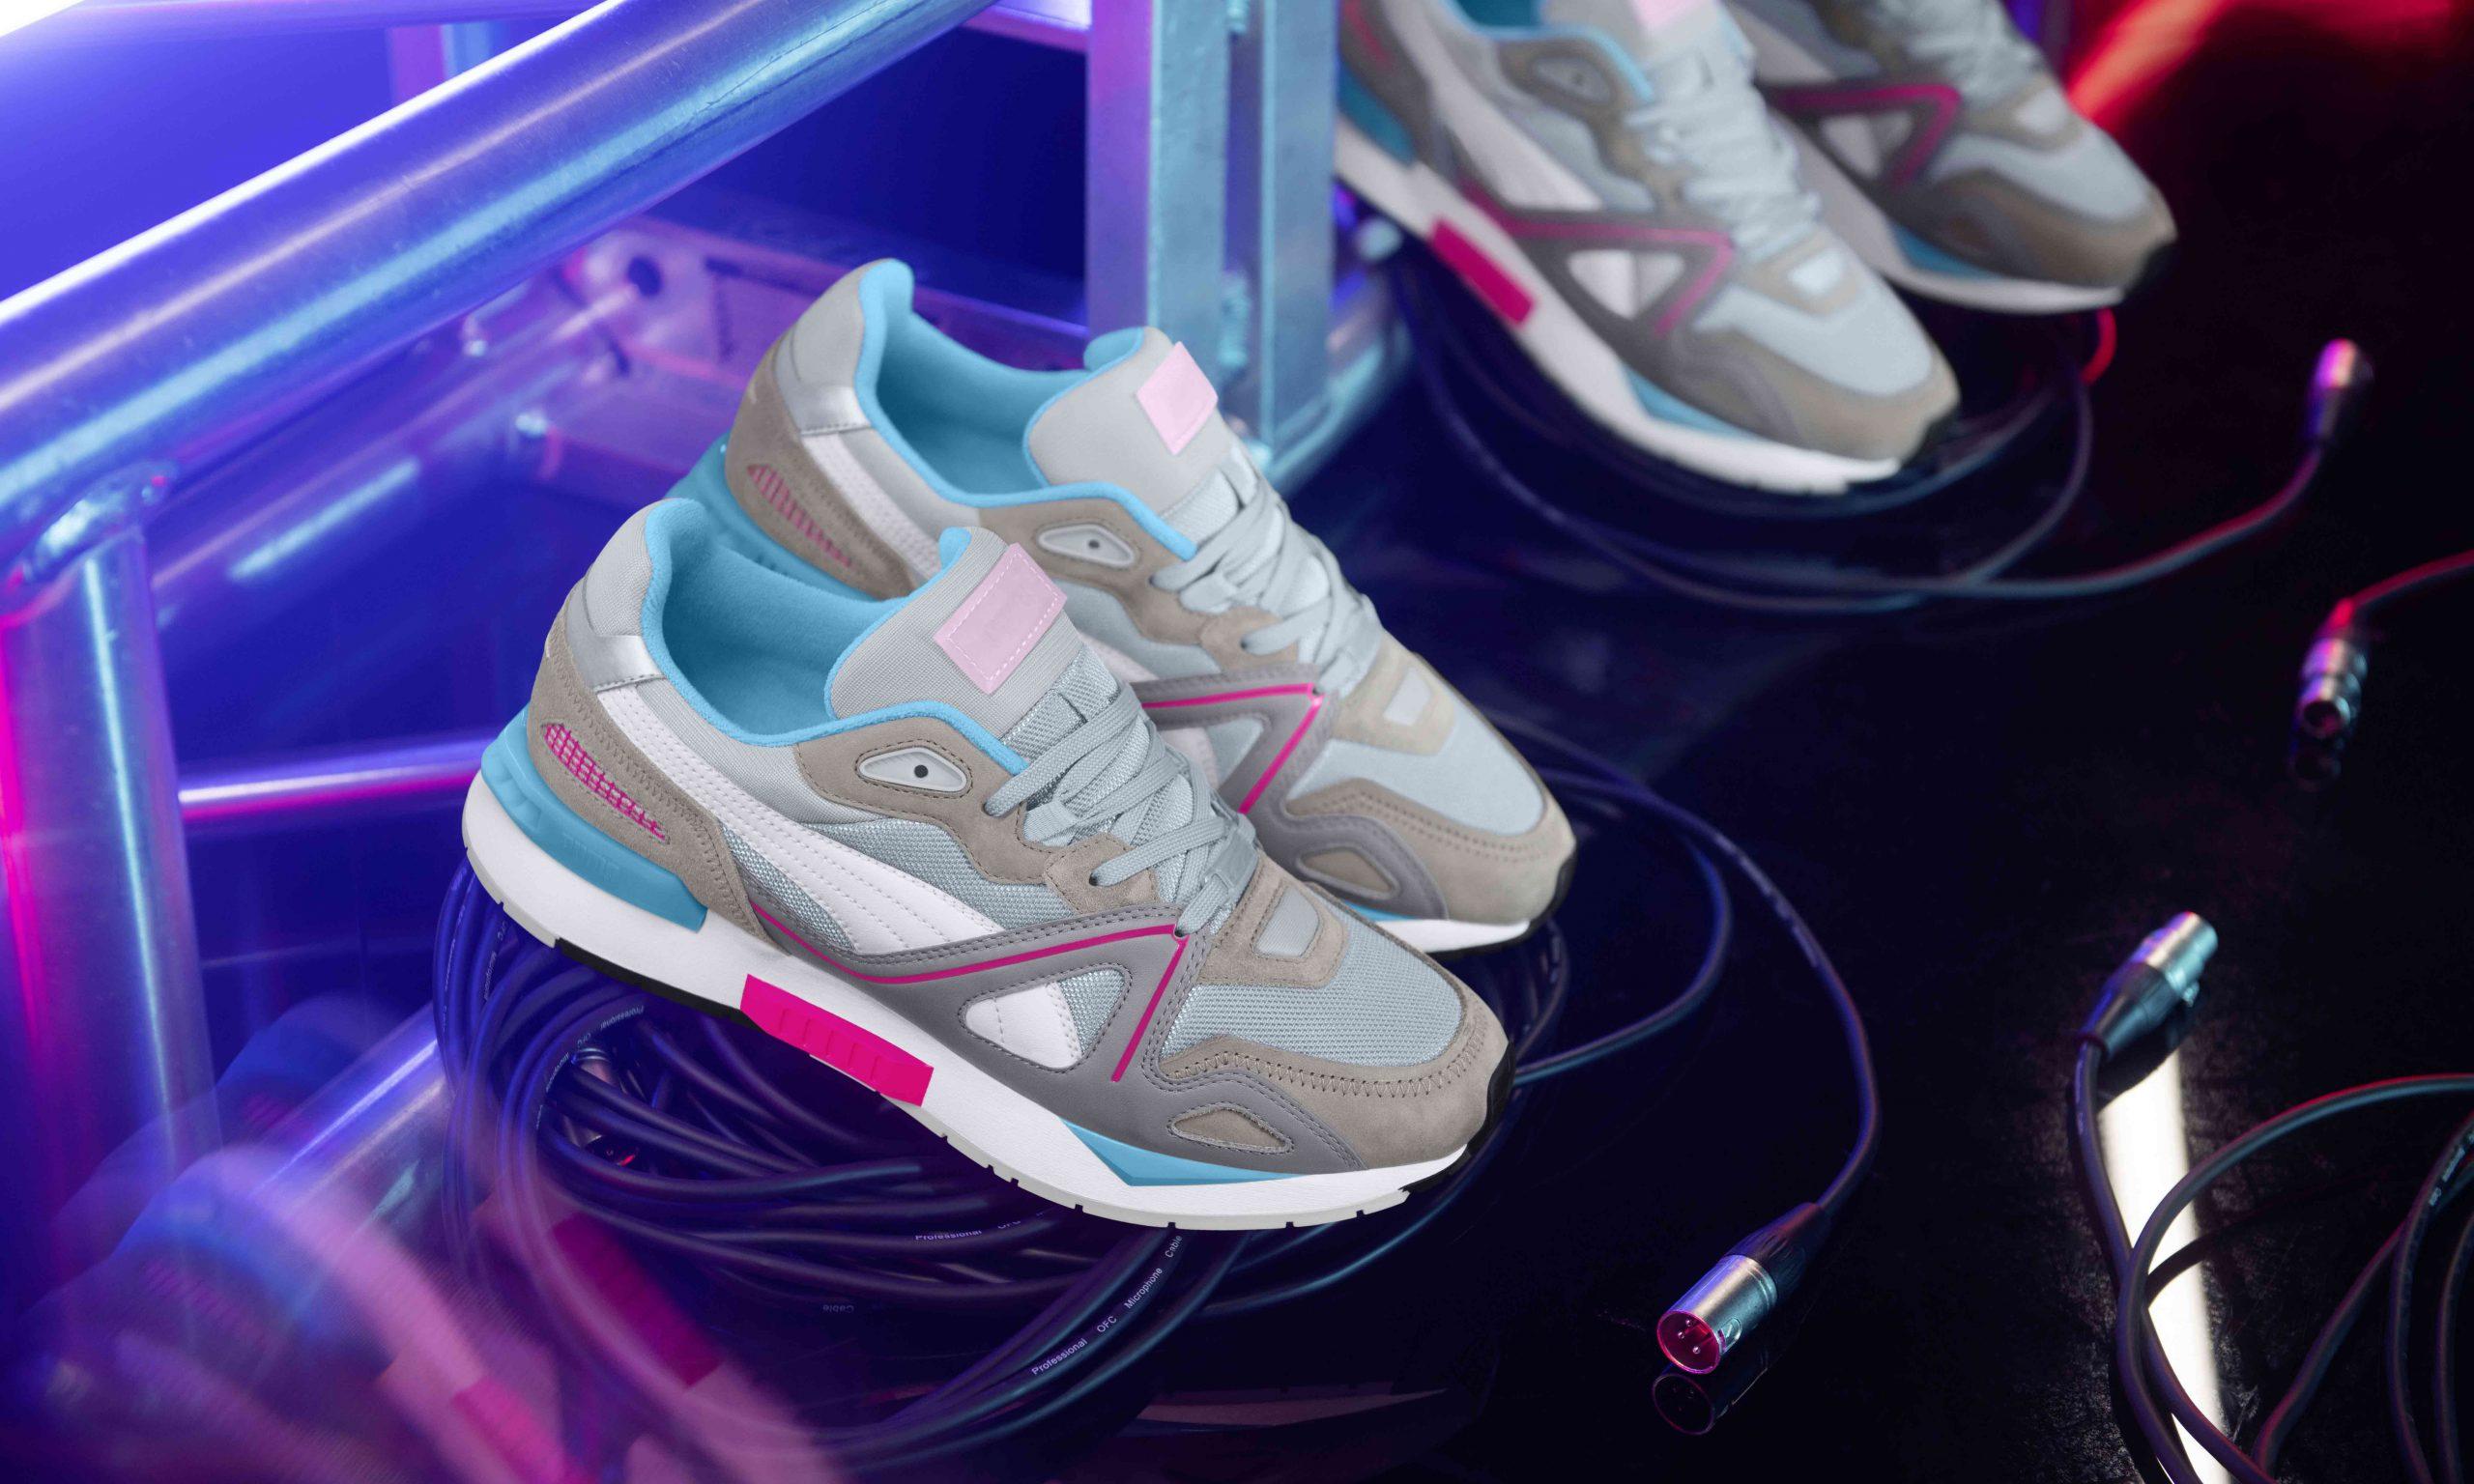 幻步未来,PUMA 全新 MIRAGE MOX 鞋款瞩目登场